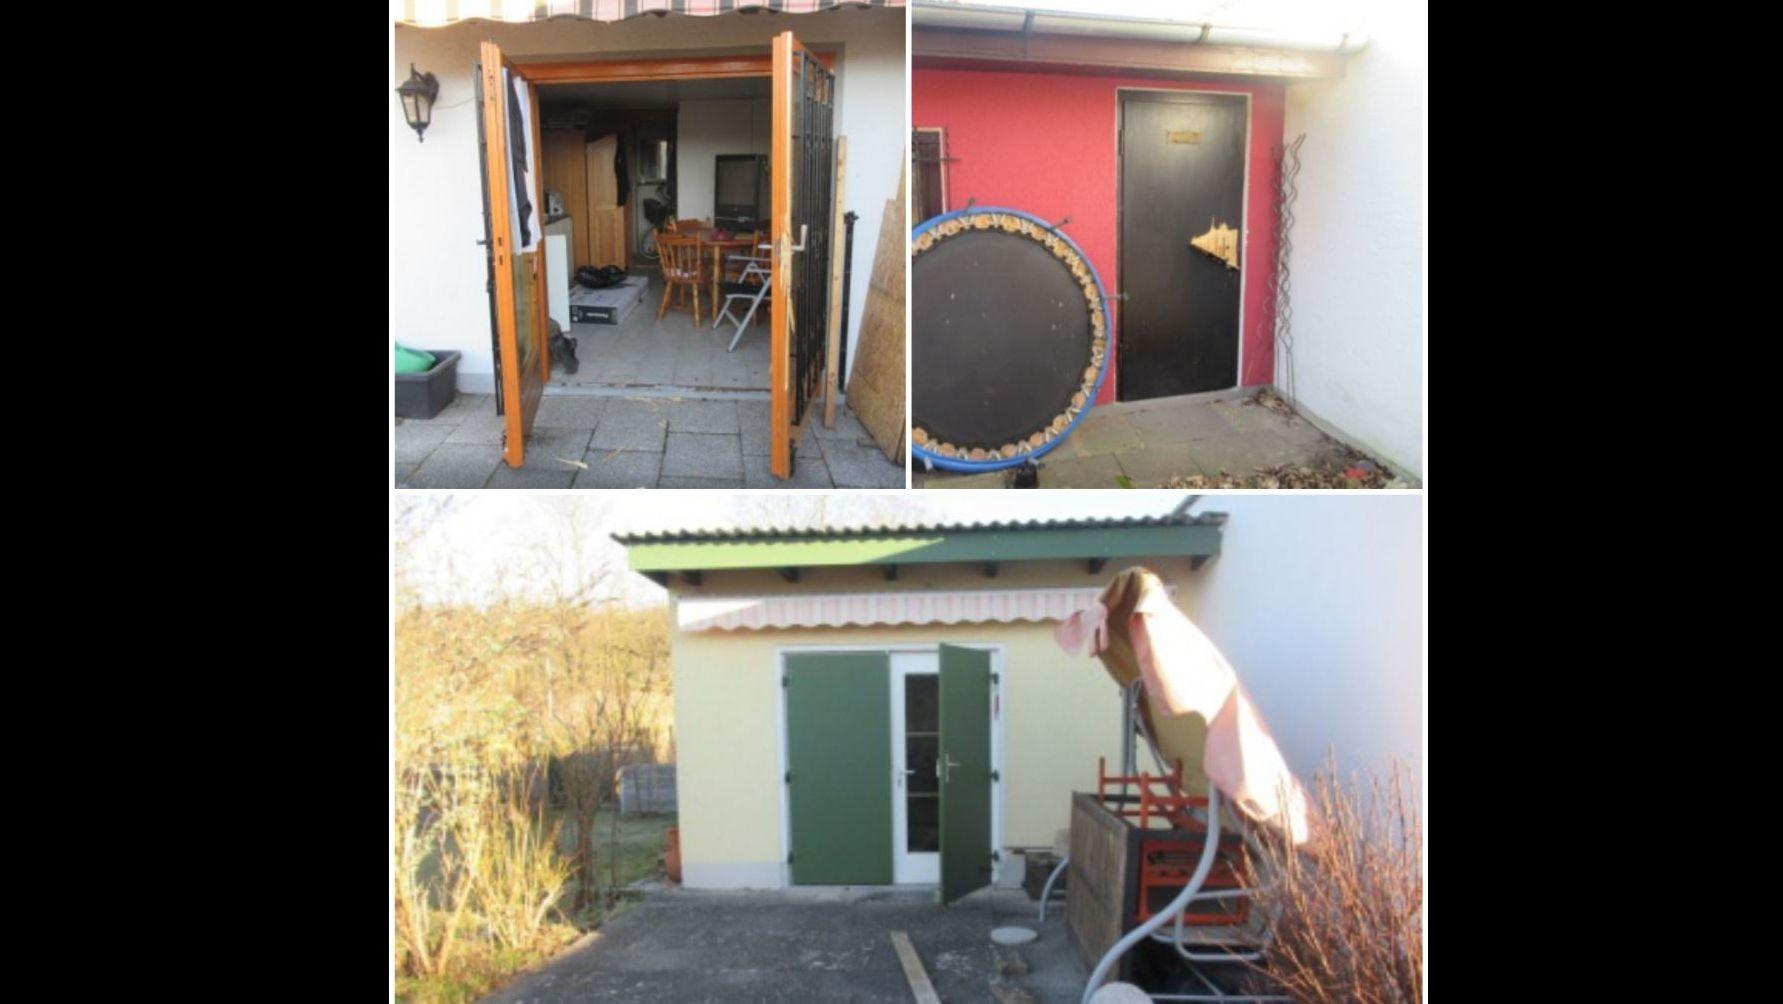 Drei der aufgebrochenen Gartenhäuser in Regensburg